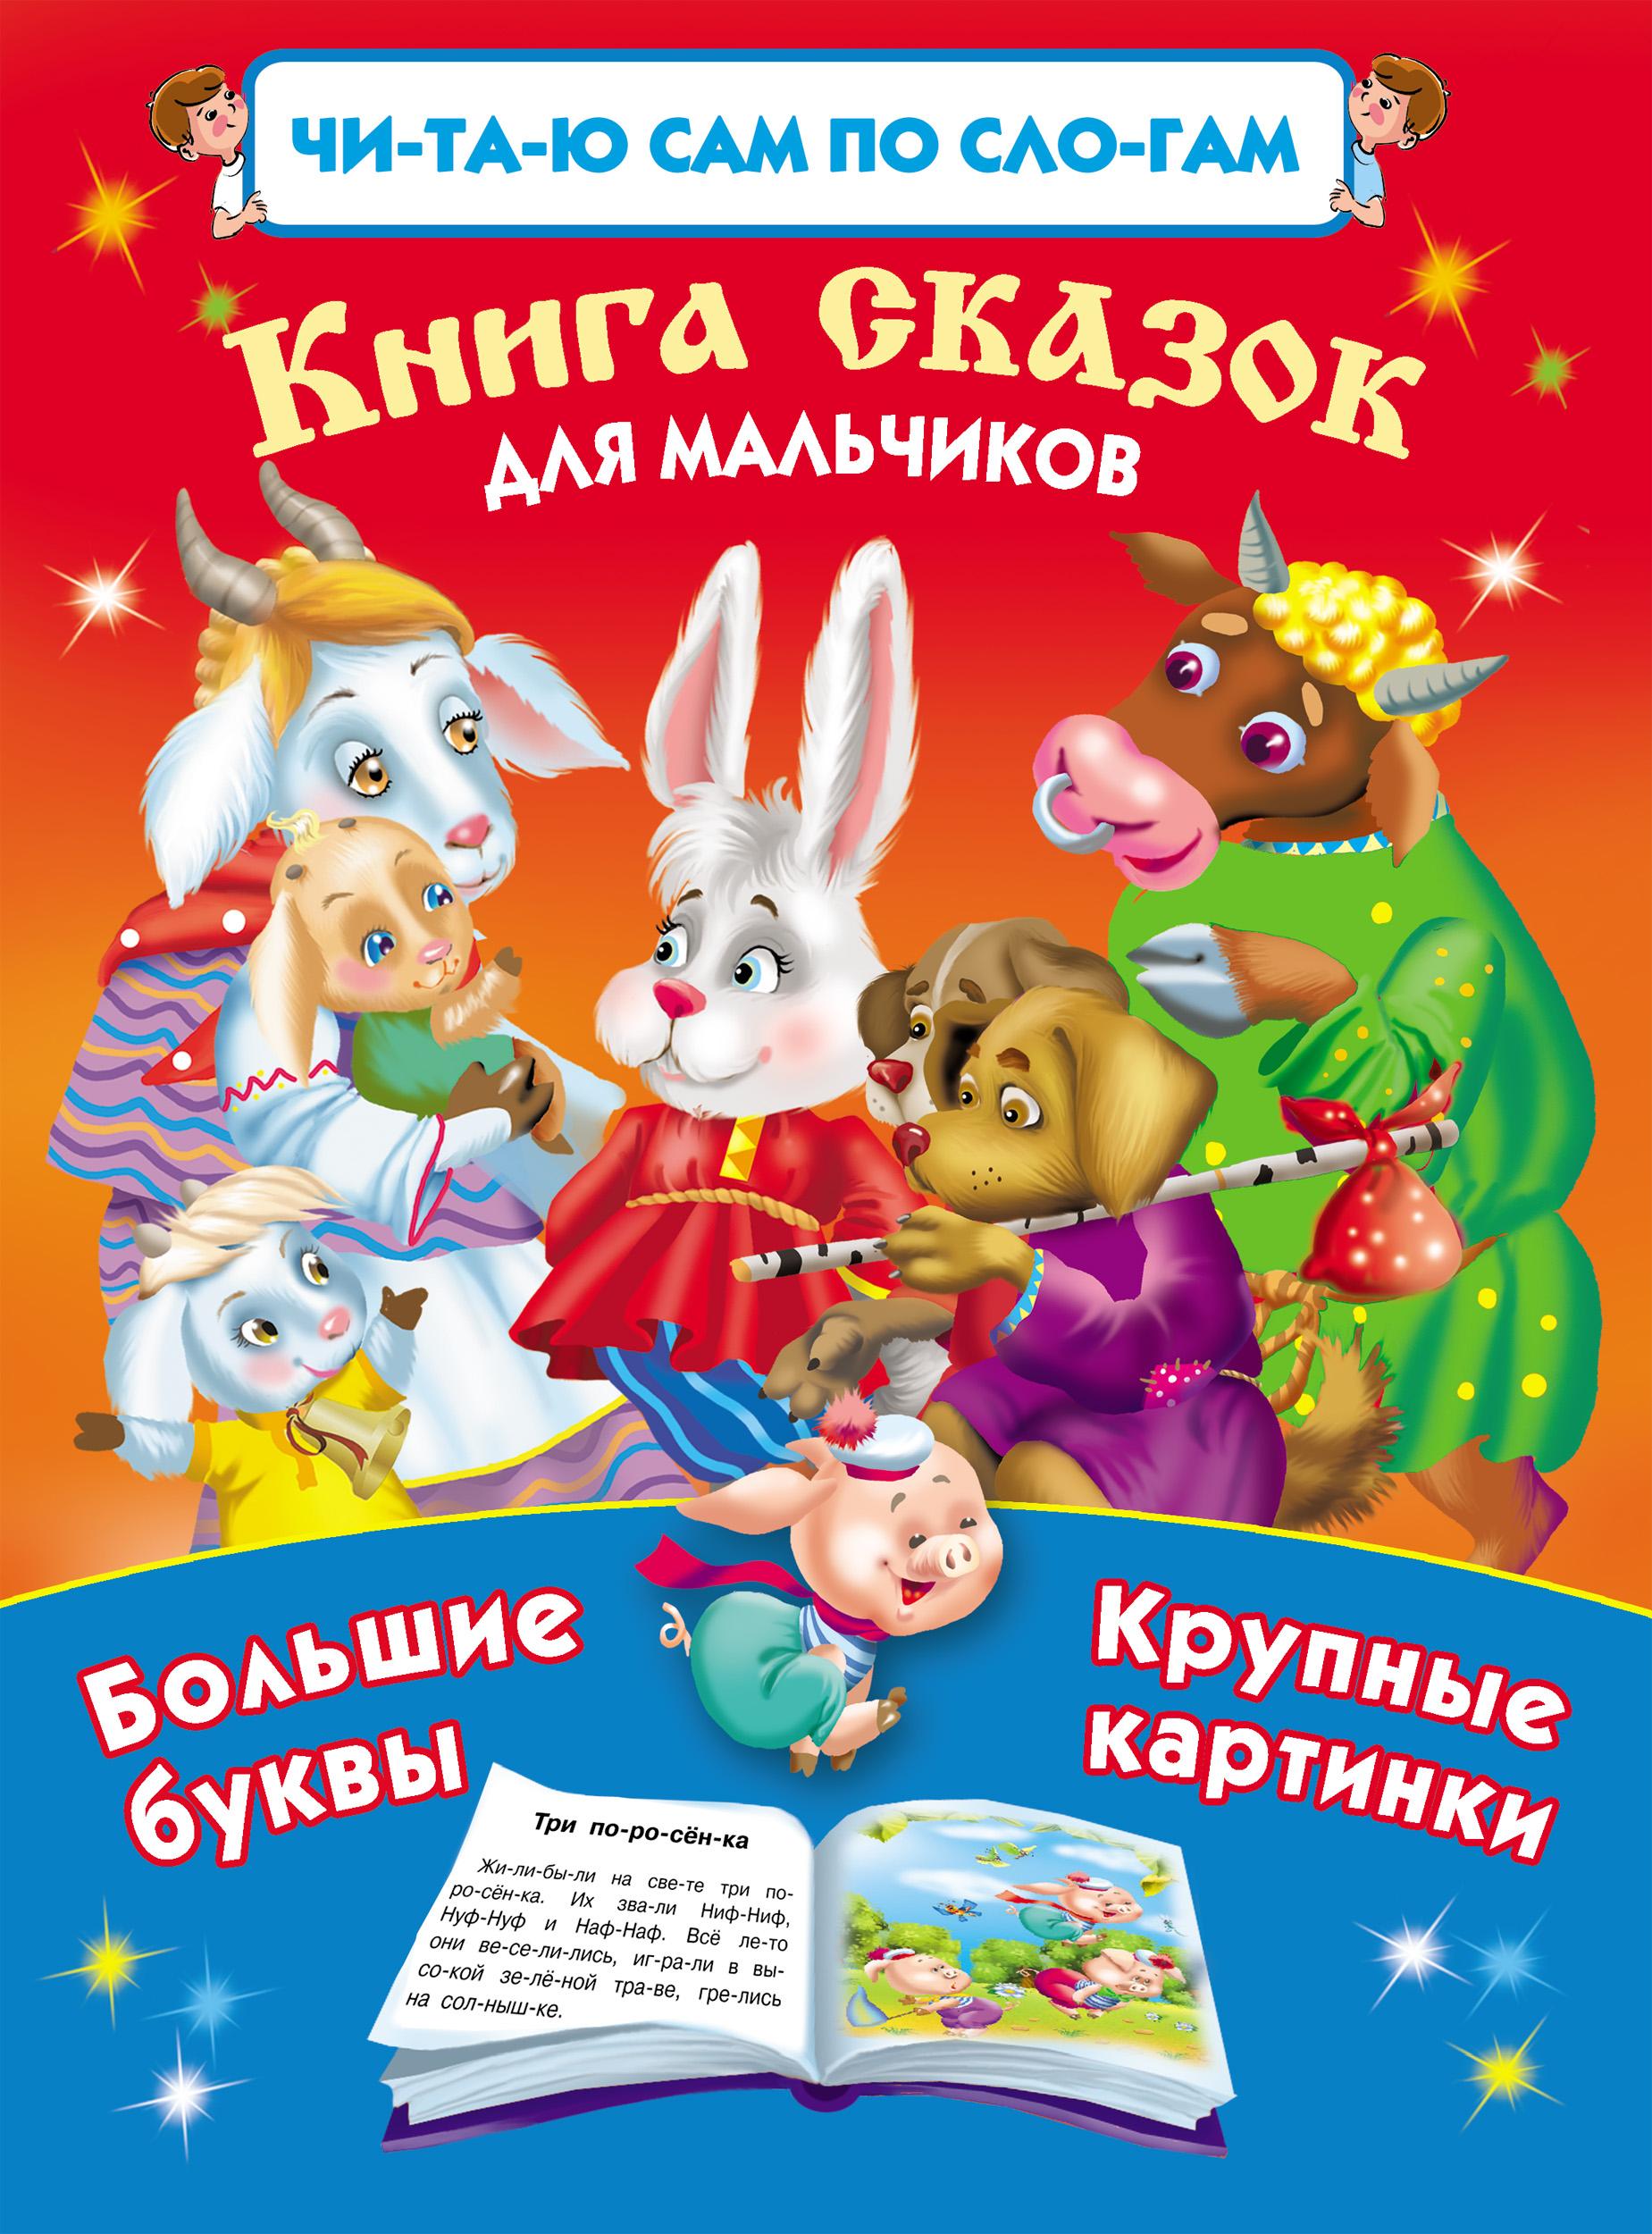 Фото - Отсутствует Книга сказок для мальчиков дмитриева в г книга сказок для мальчиков